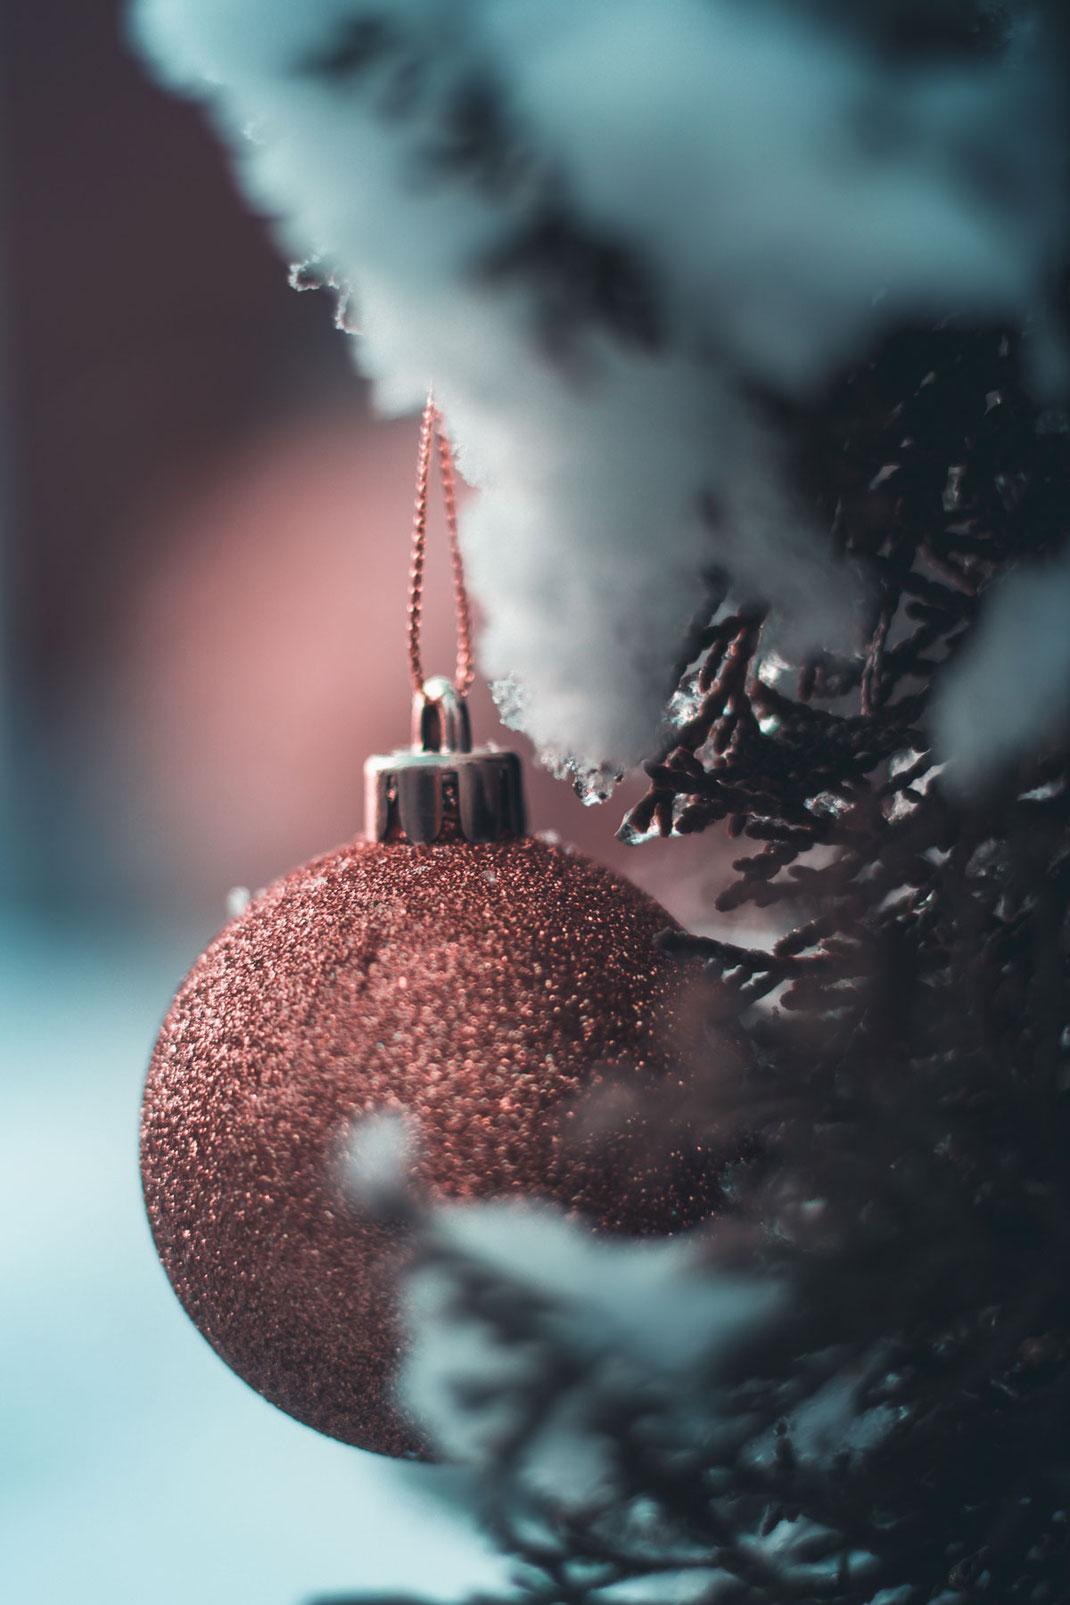 Wünsch Euch Allen Frohe Weihnachten.Frohe Weihnachten Luonto Design